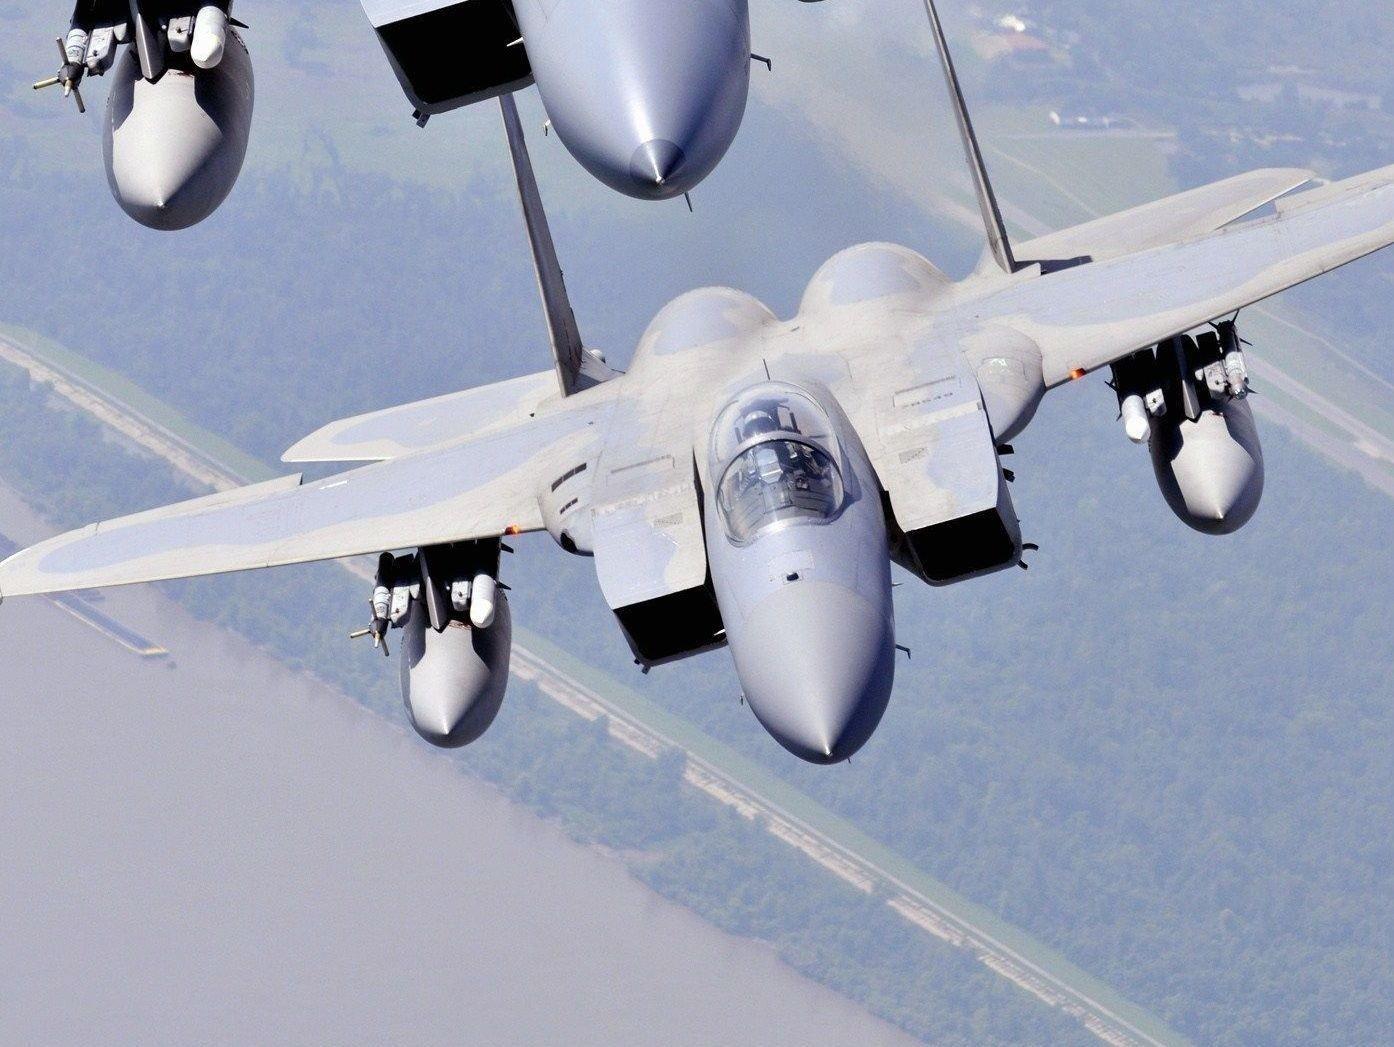 BLE FULGT AV JAGERE: Arkivfoto av to F-15 fly tatt under en øvelse i Louisiana i 2009. To slike jagere ble sendt for å eskortere småflyet som ikke svarte på anrop.